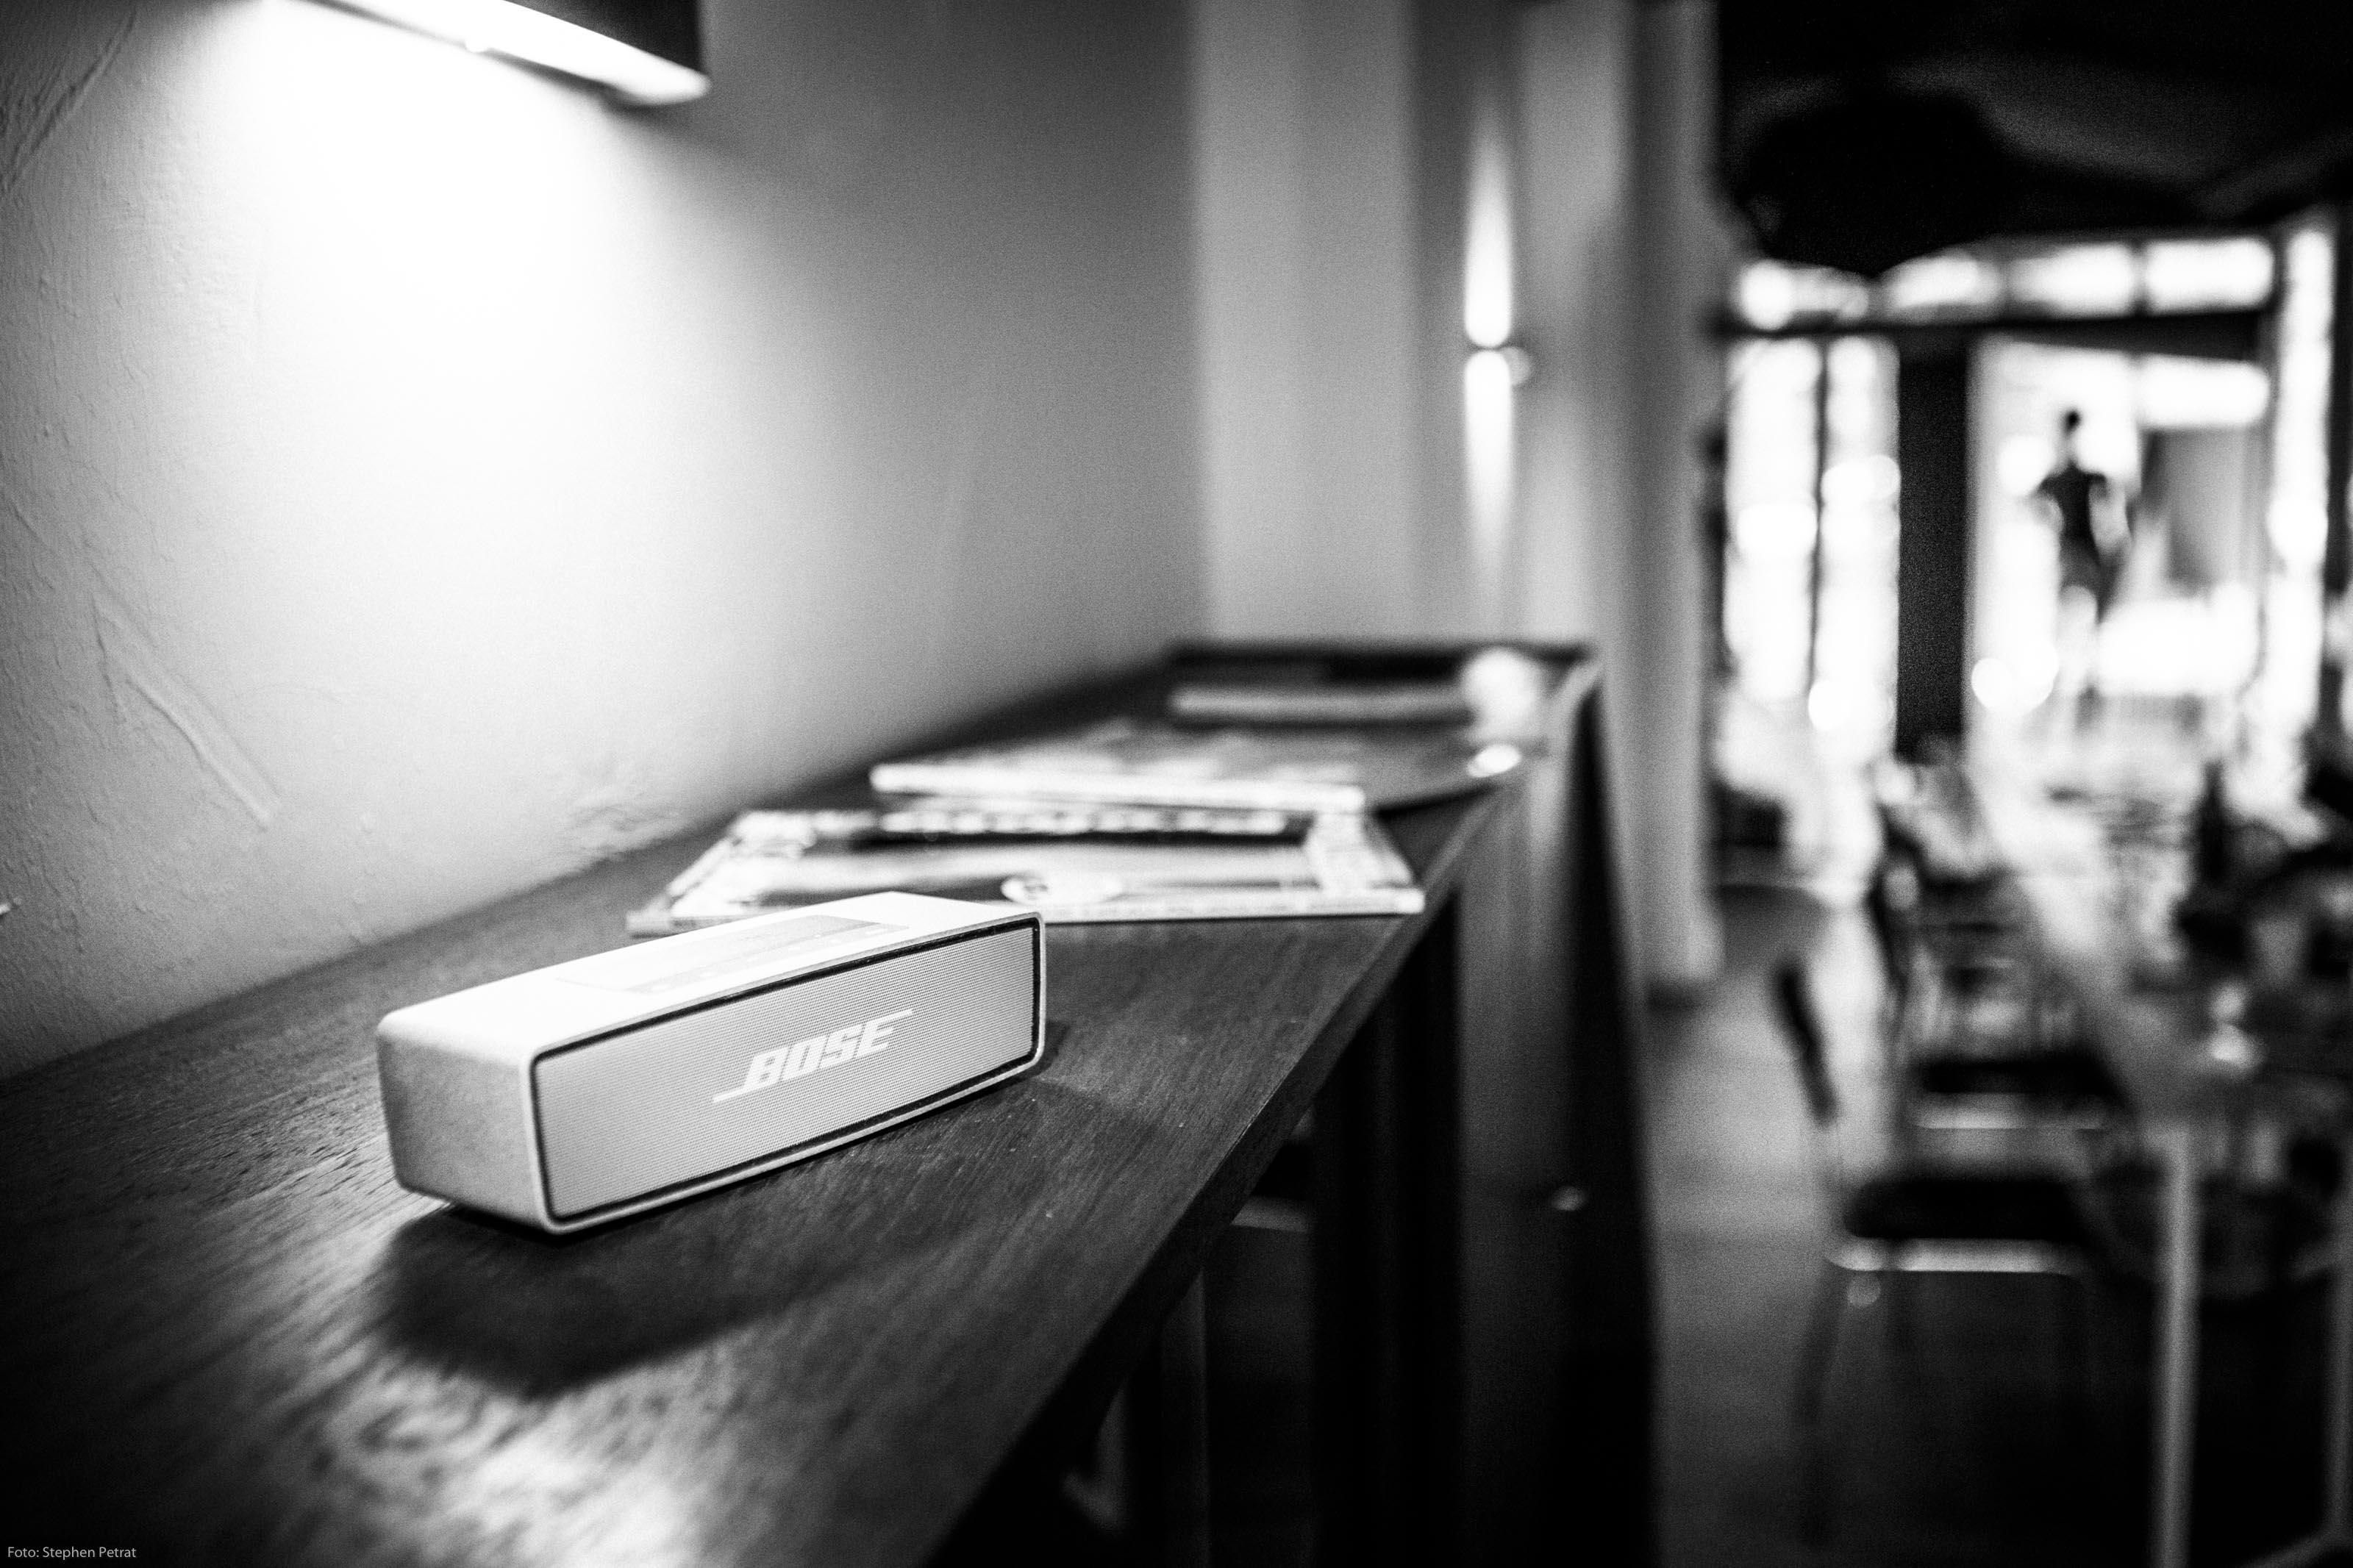 Bose-Soundlink-0325